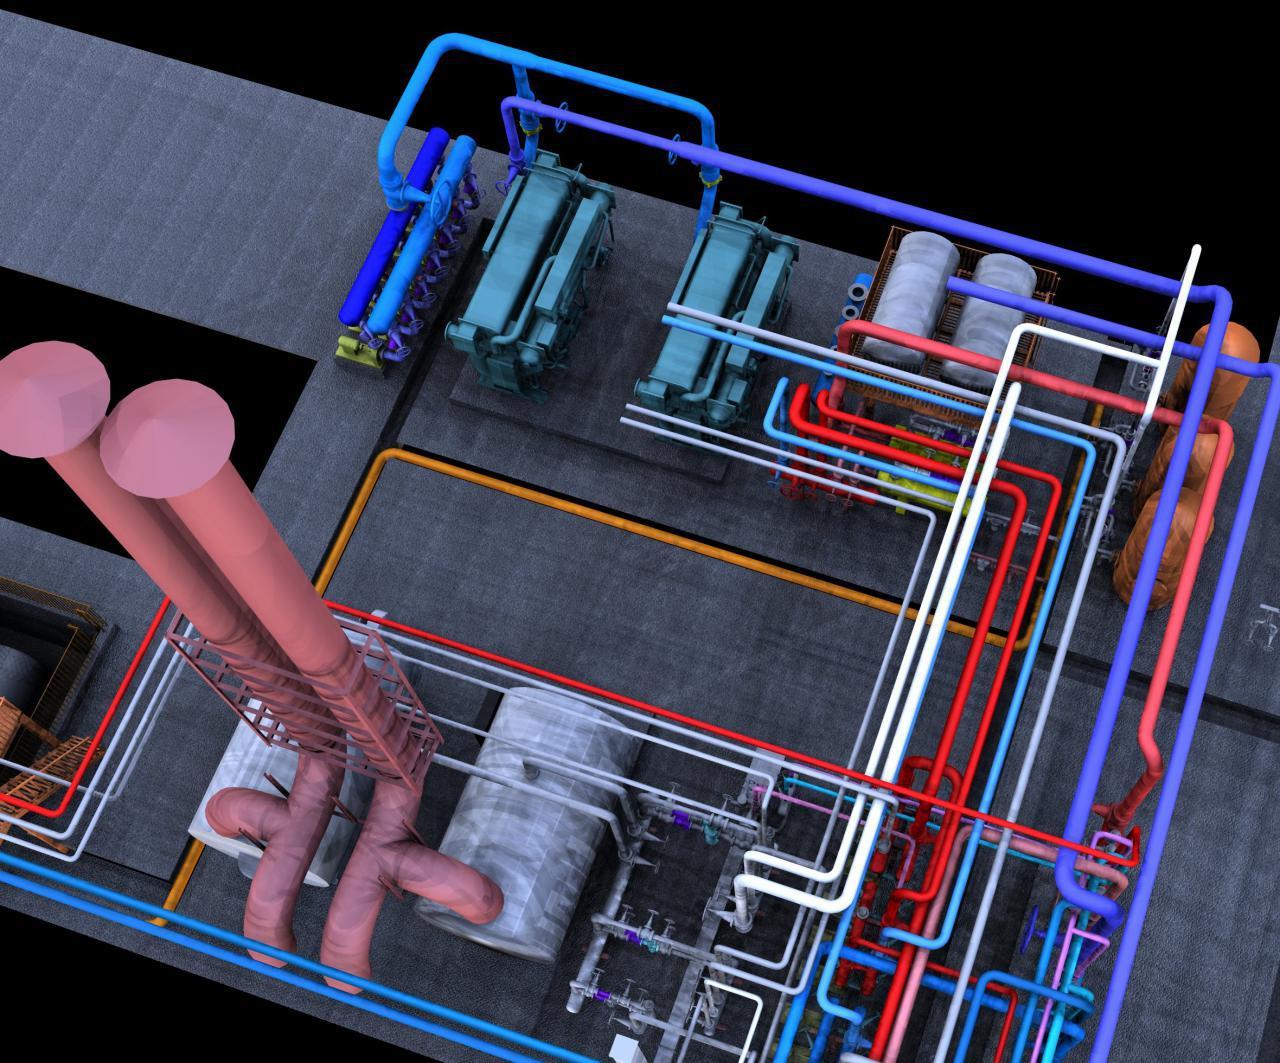 سه بعدی-مدلسازی-تجهیزات و تاسیسات-موتورخانه